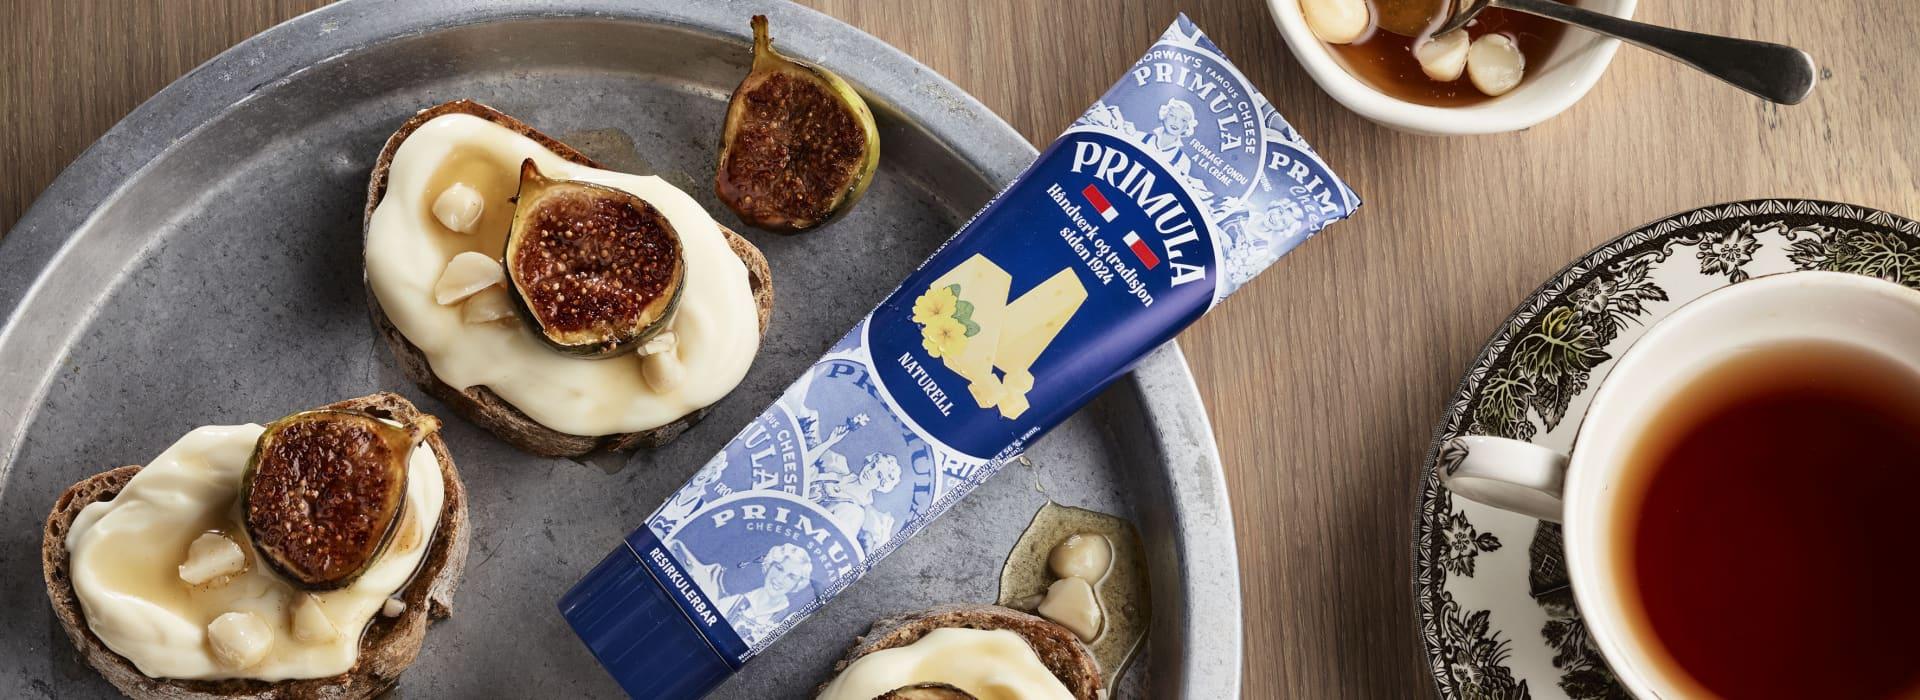 Pariserbrød med Primula, fiken og honning